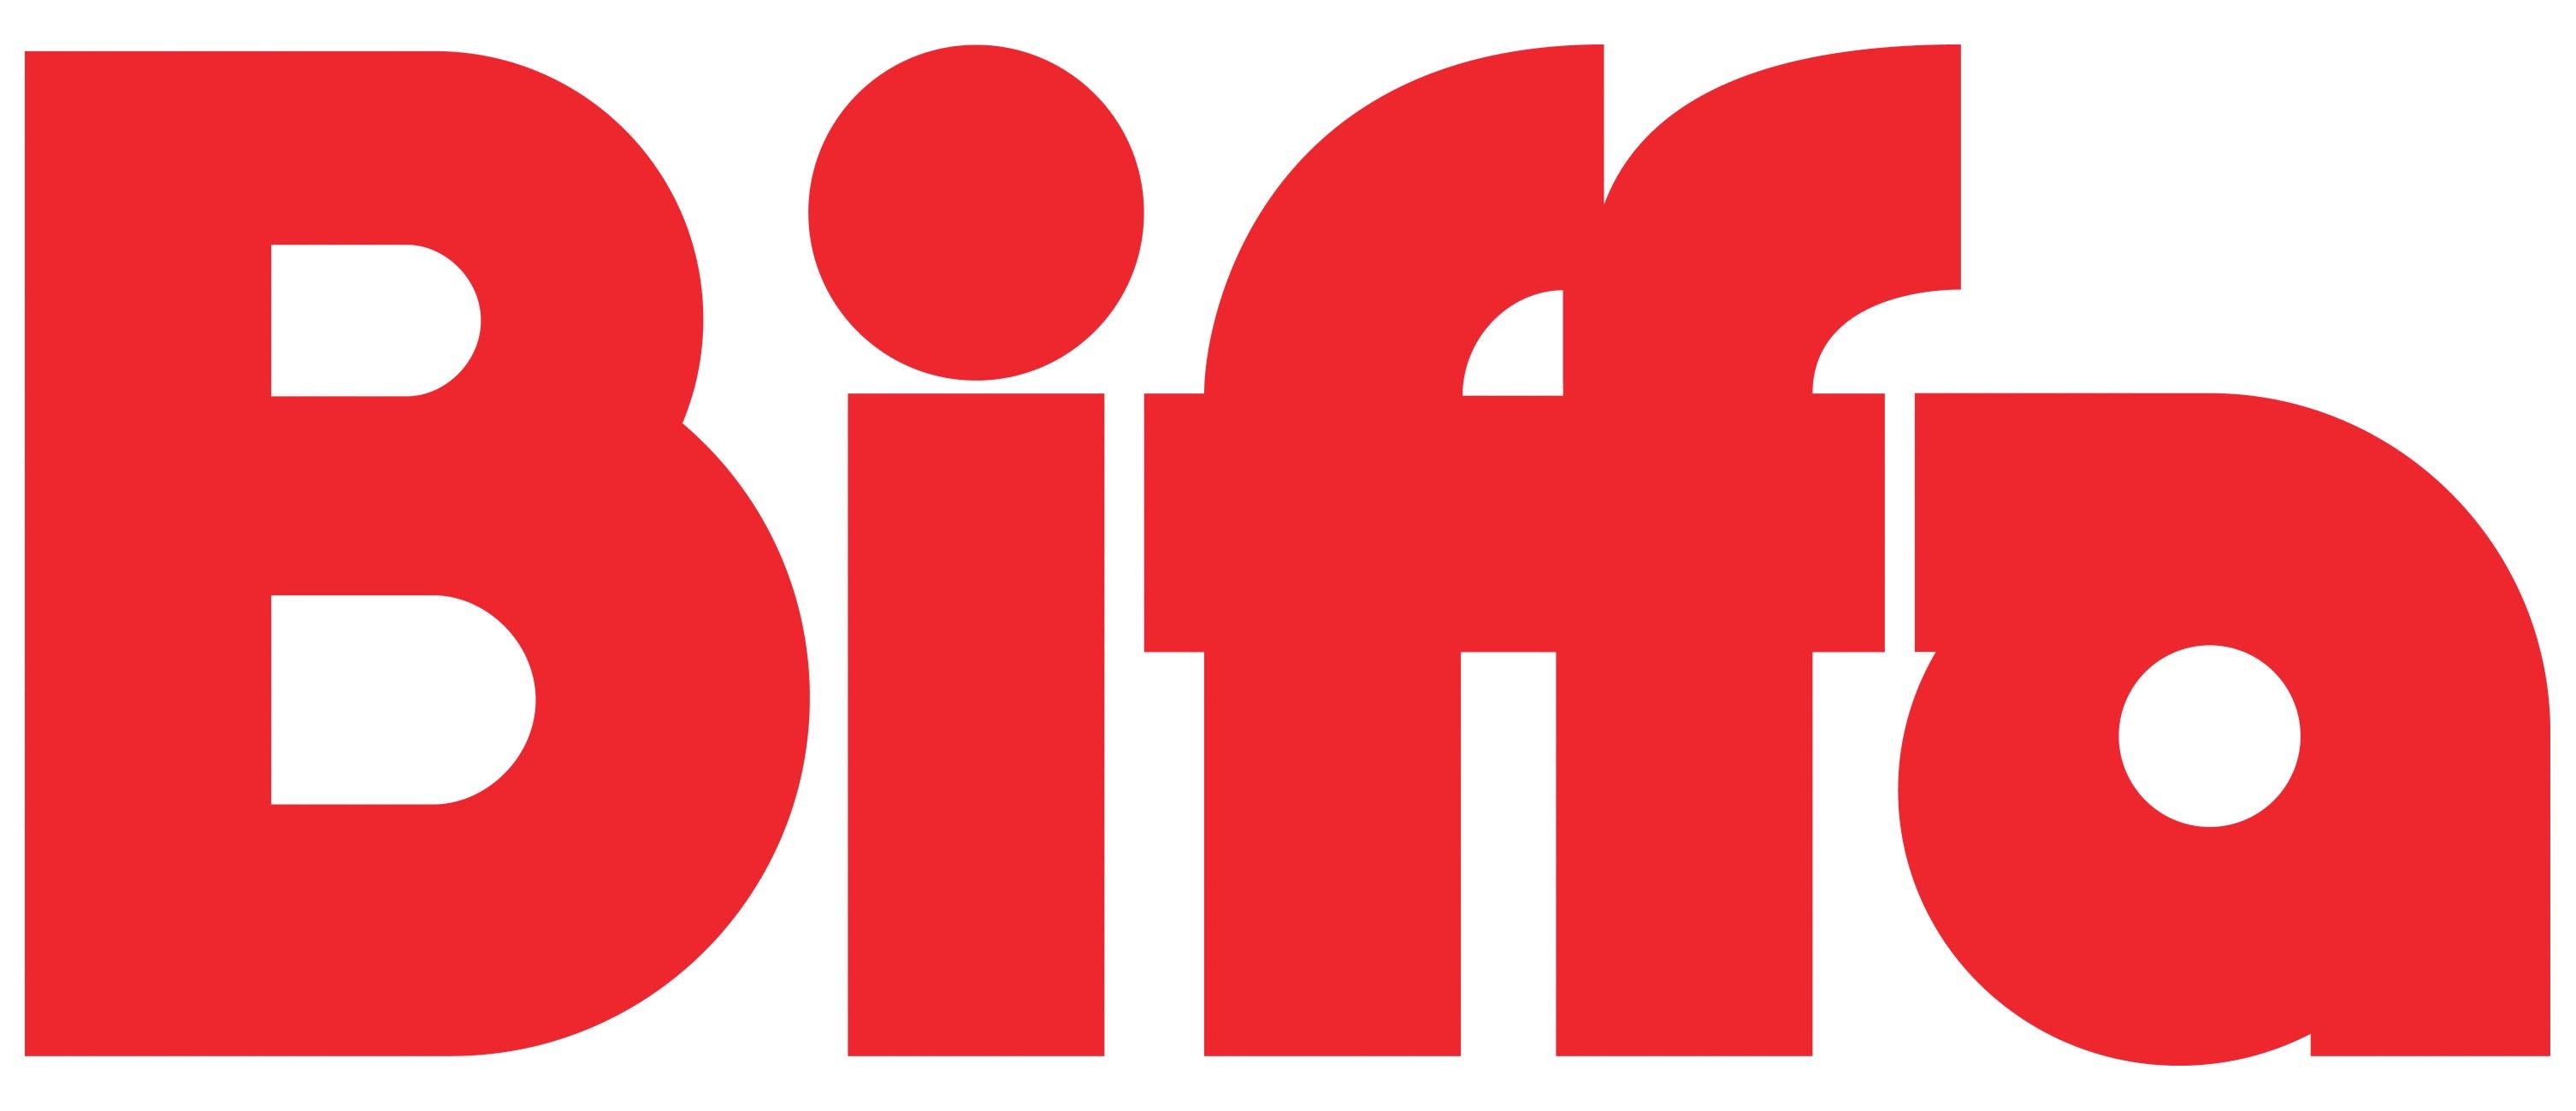 02_Biffa logo.jpg